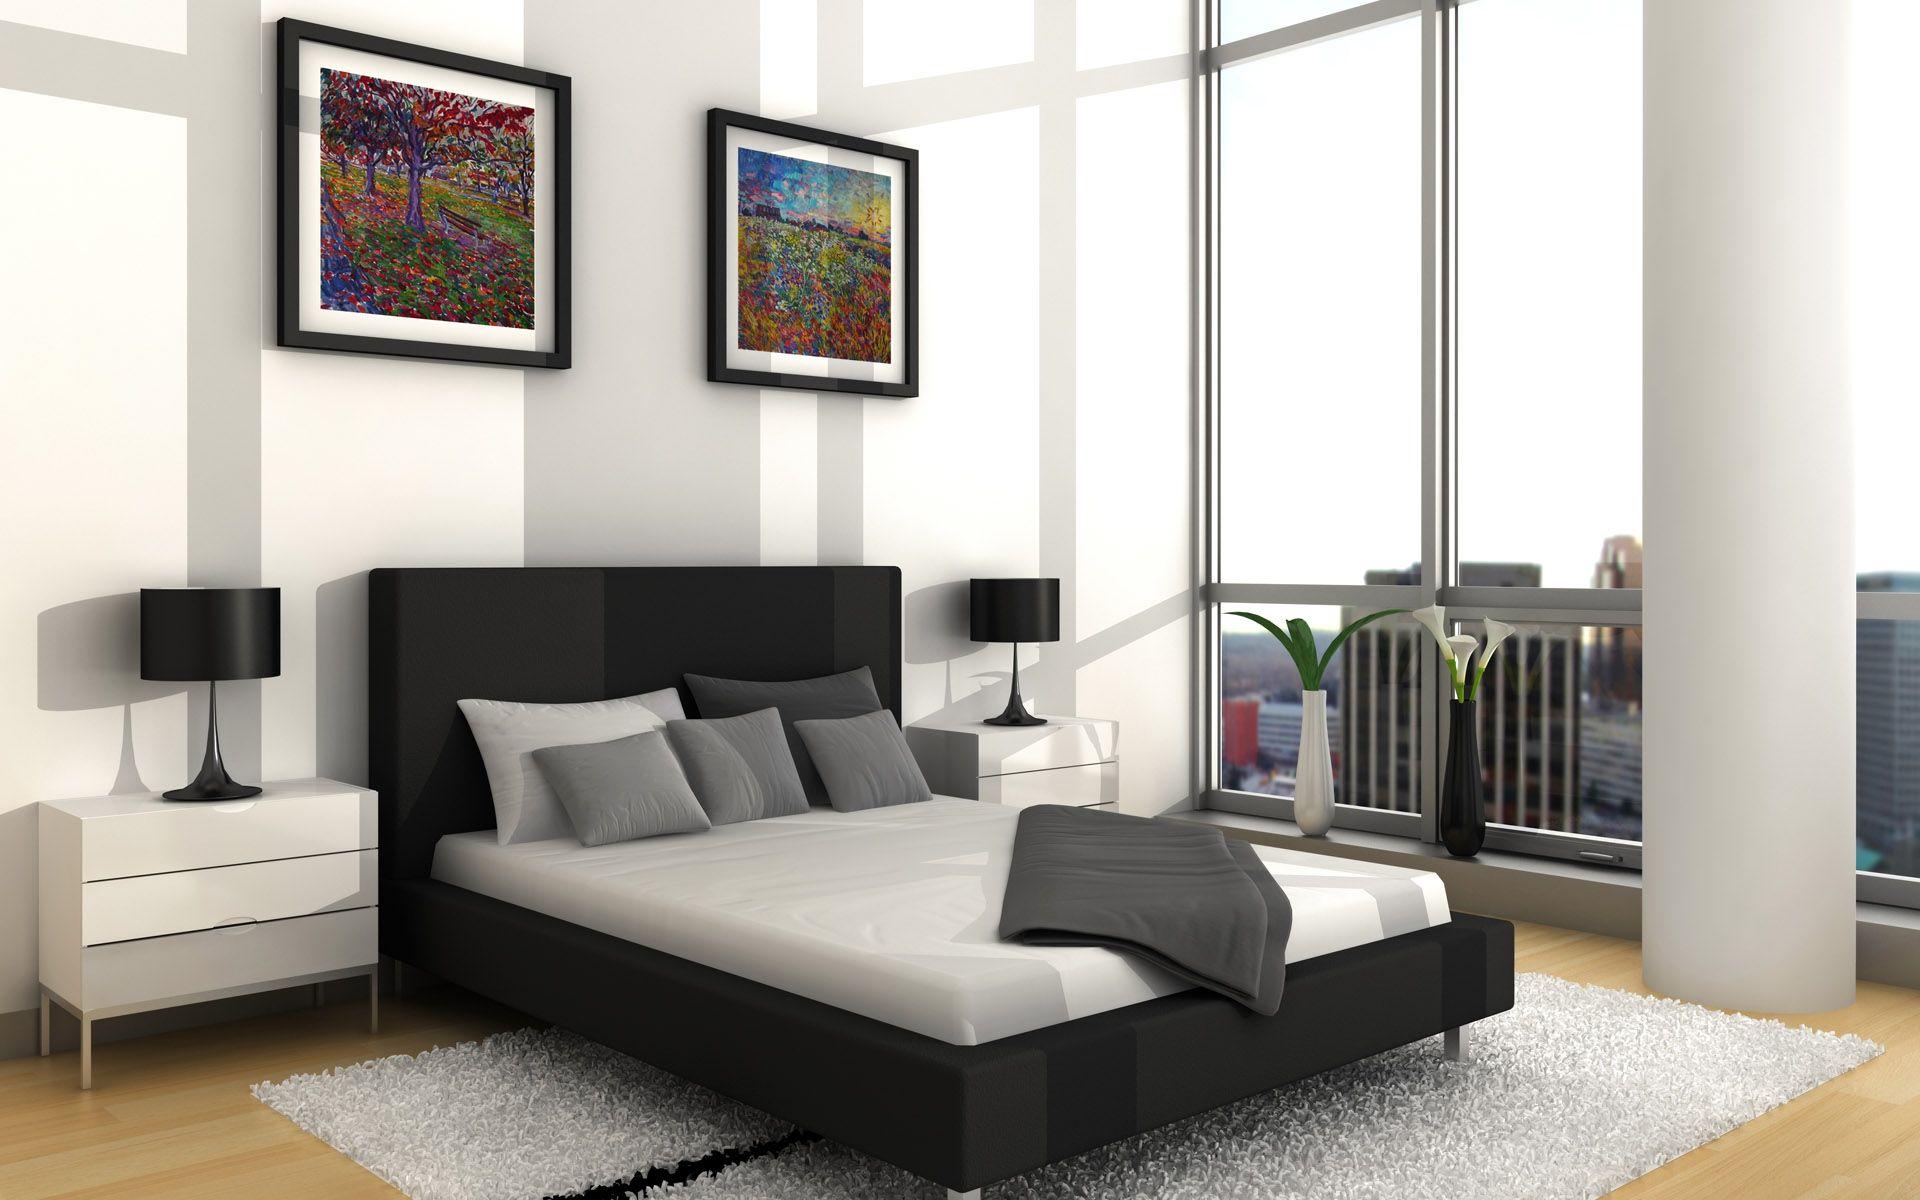 Chambre A Coucher Noir Et Blanc - Fashion Designs